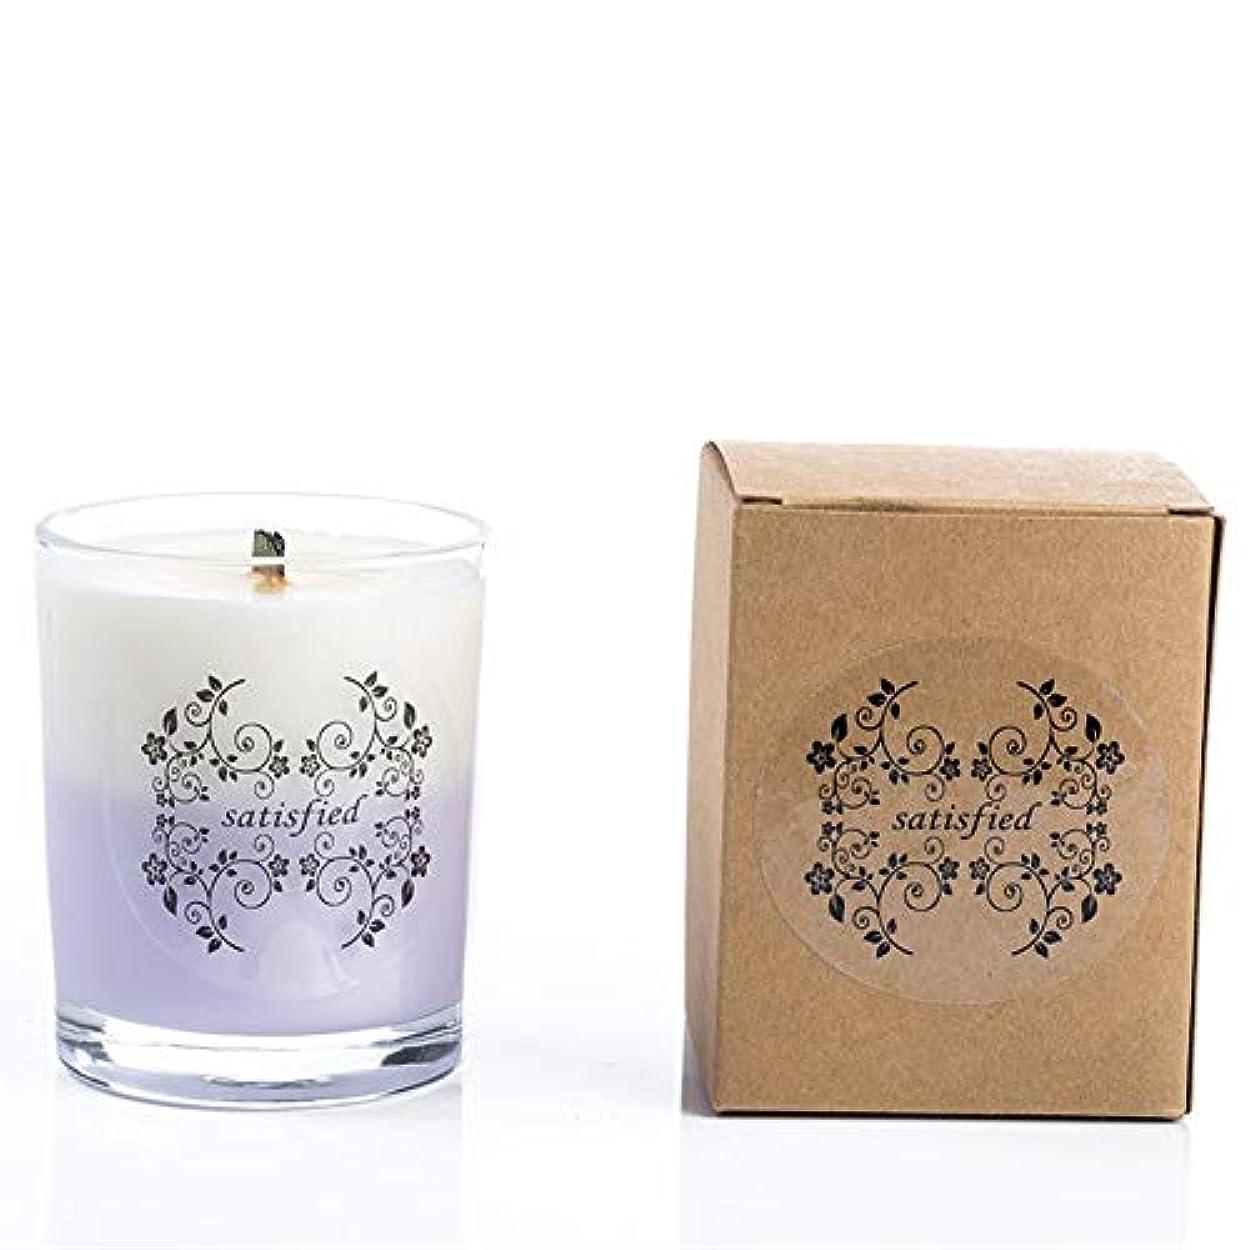 ひばり扱う入学するZtian ガラスのツートンの香料入りの蝋燭のハンドメイドの無煙の香りの家の香料入りの蝋燭 (色 : Grapefruit)